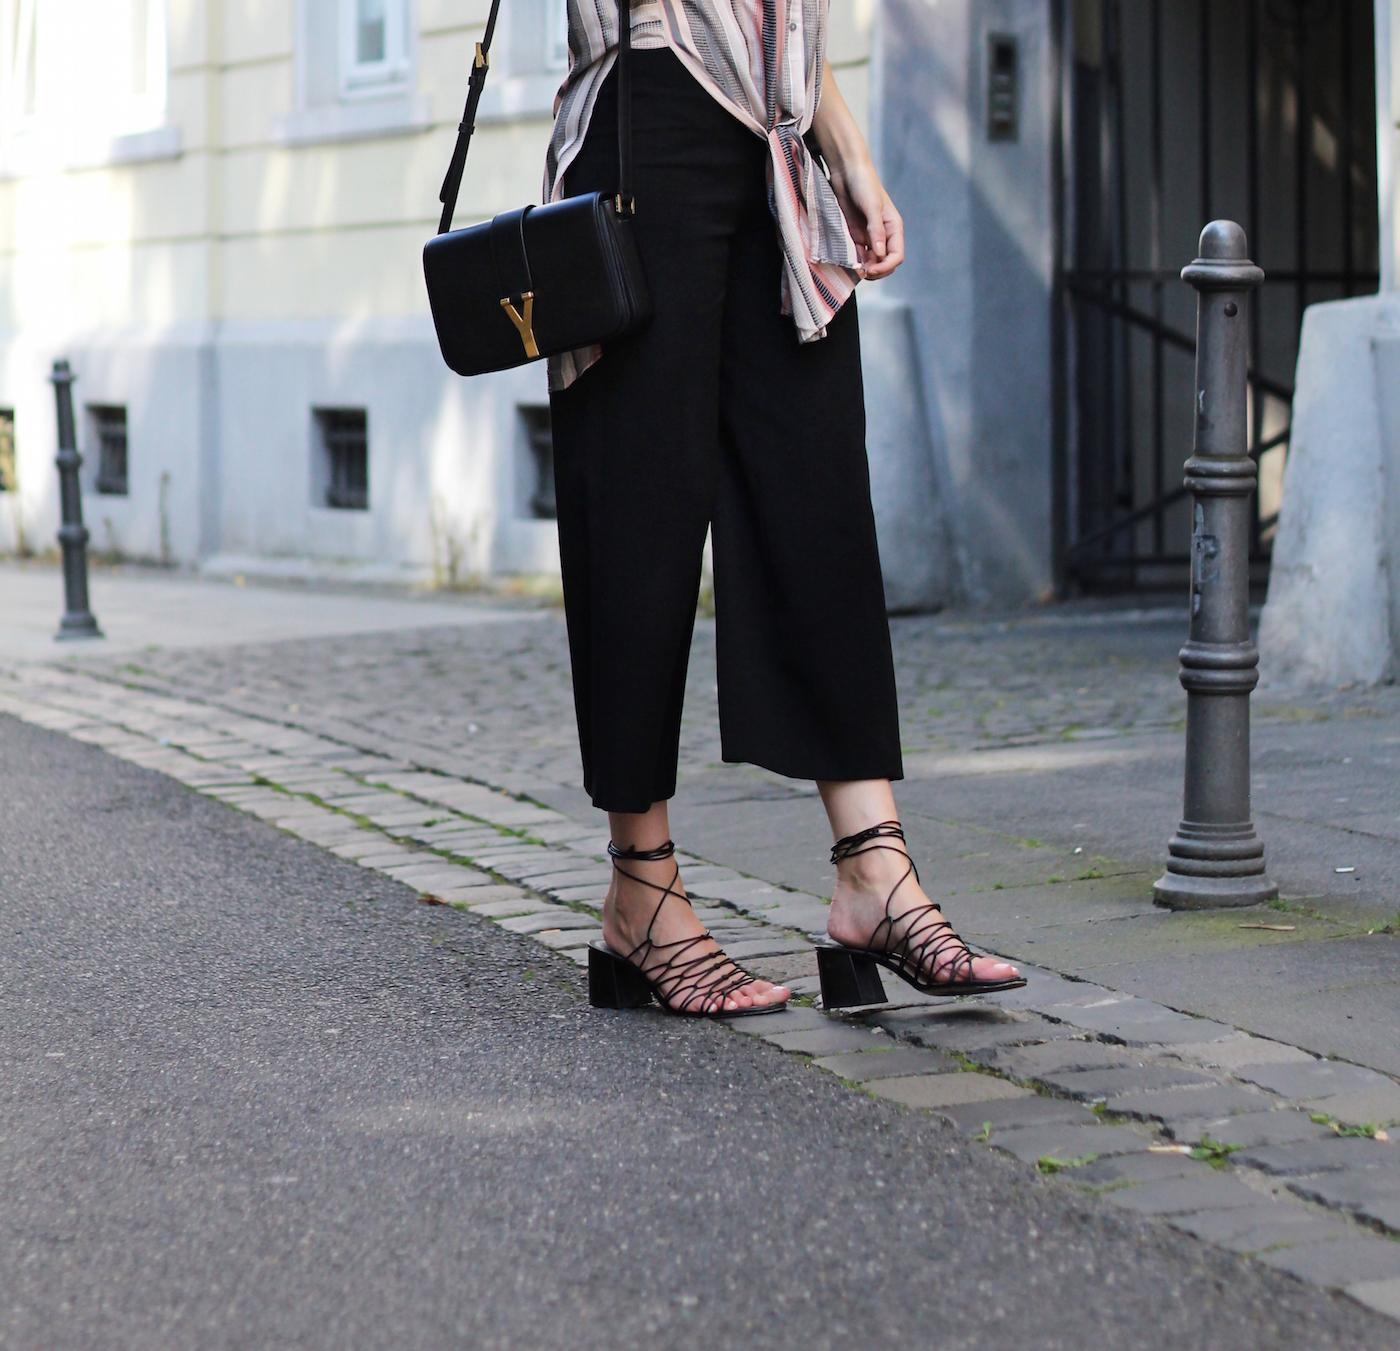 ZARA_culotte_ysl_bag_Mango_sandals